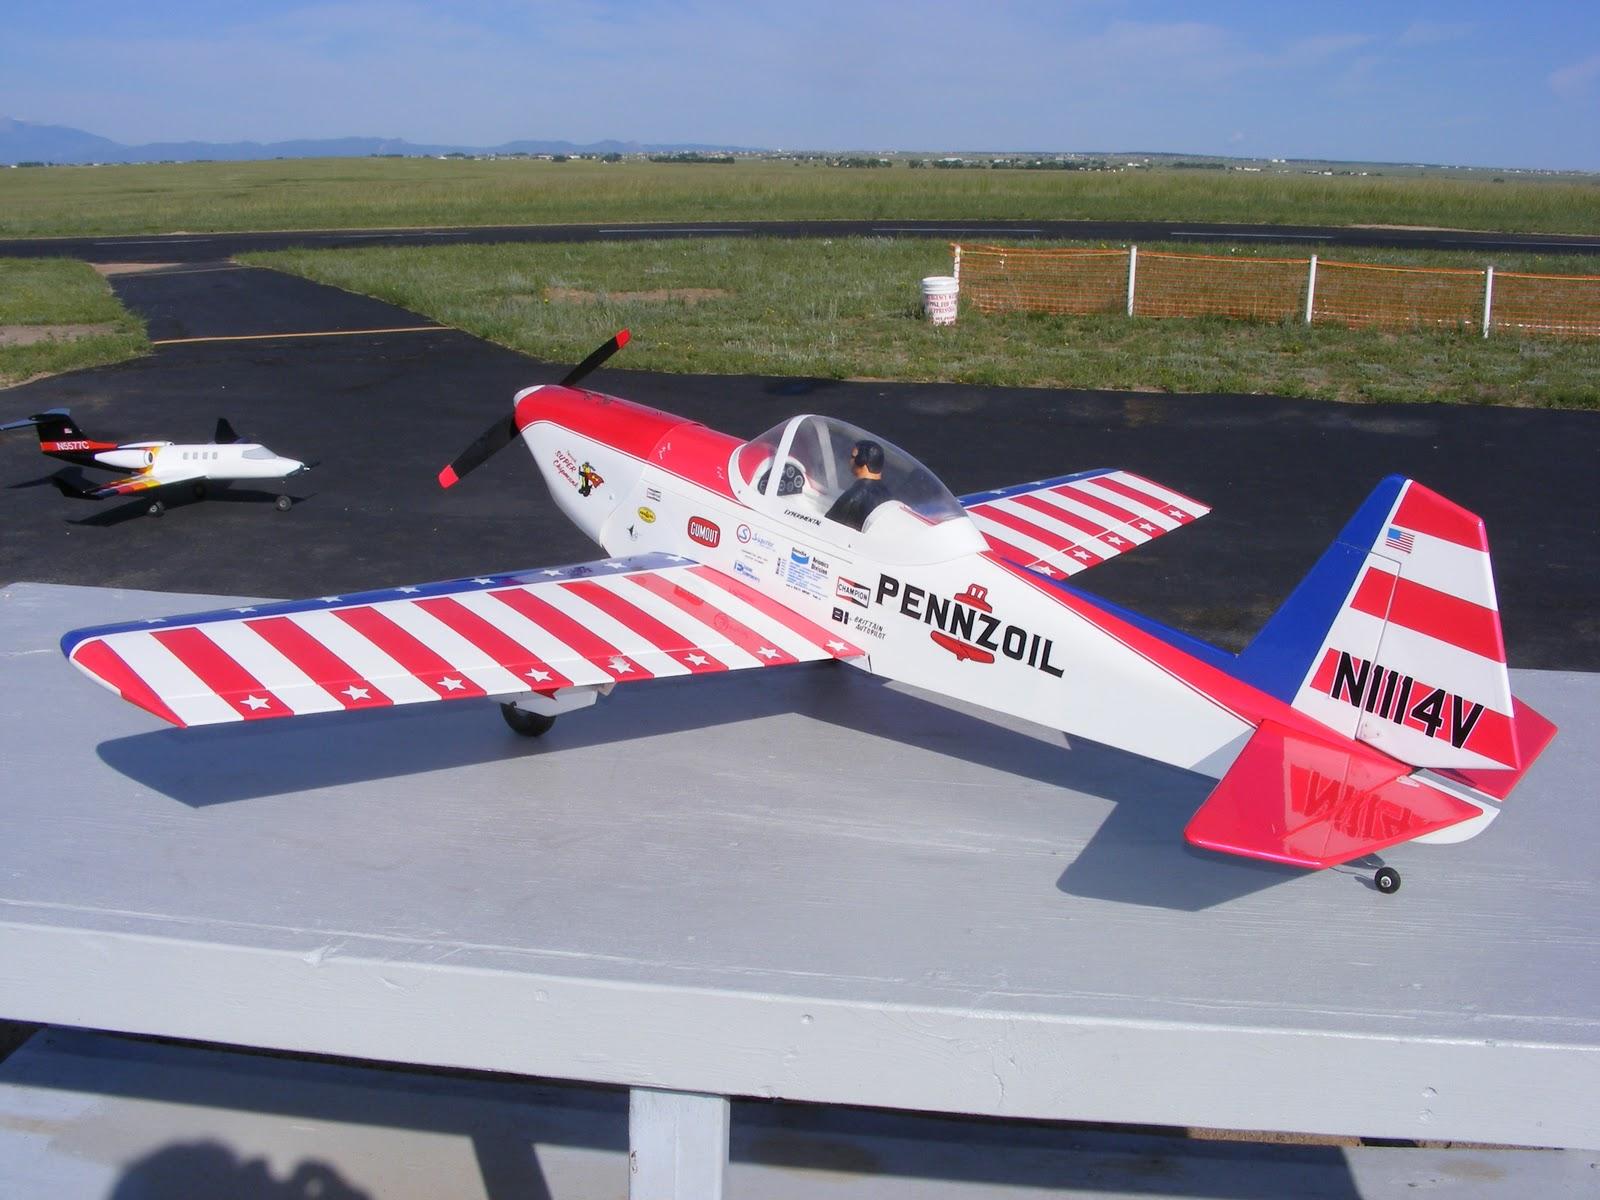 61 Sea 120 Super Chipmunk Seagull Super Chipmunk 46 55 1600mm Pendants Little Critterz